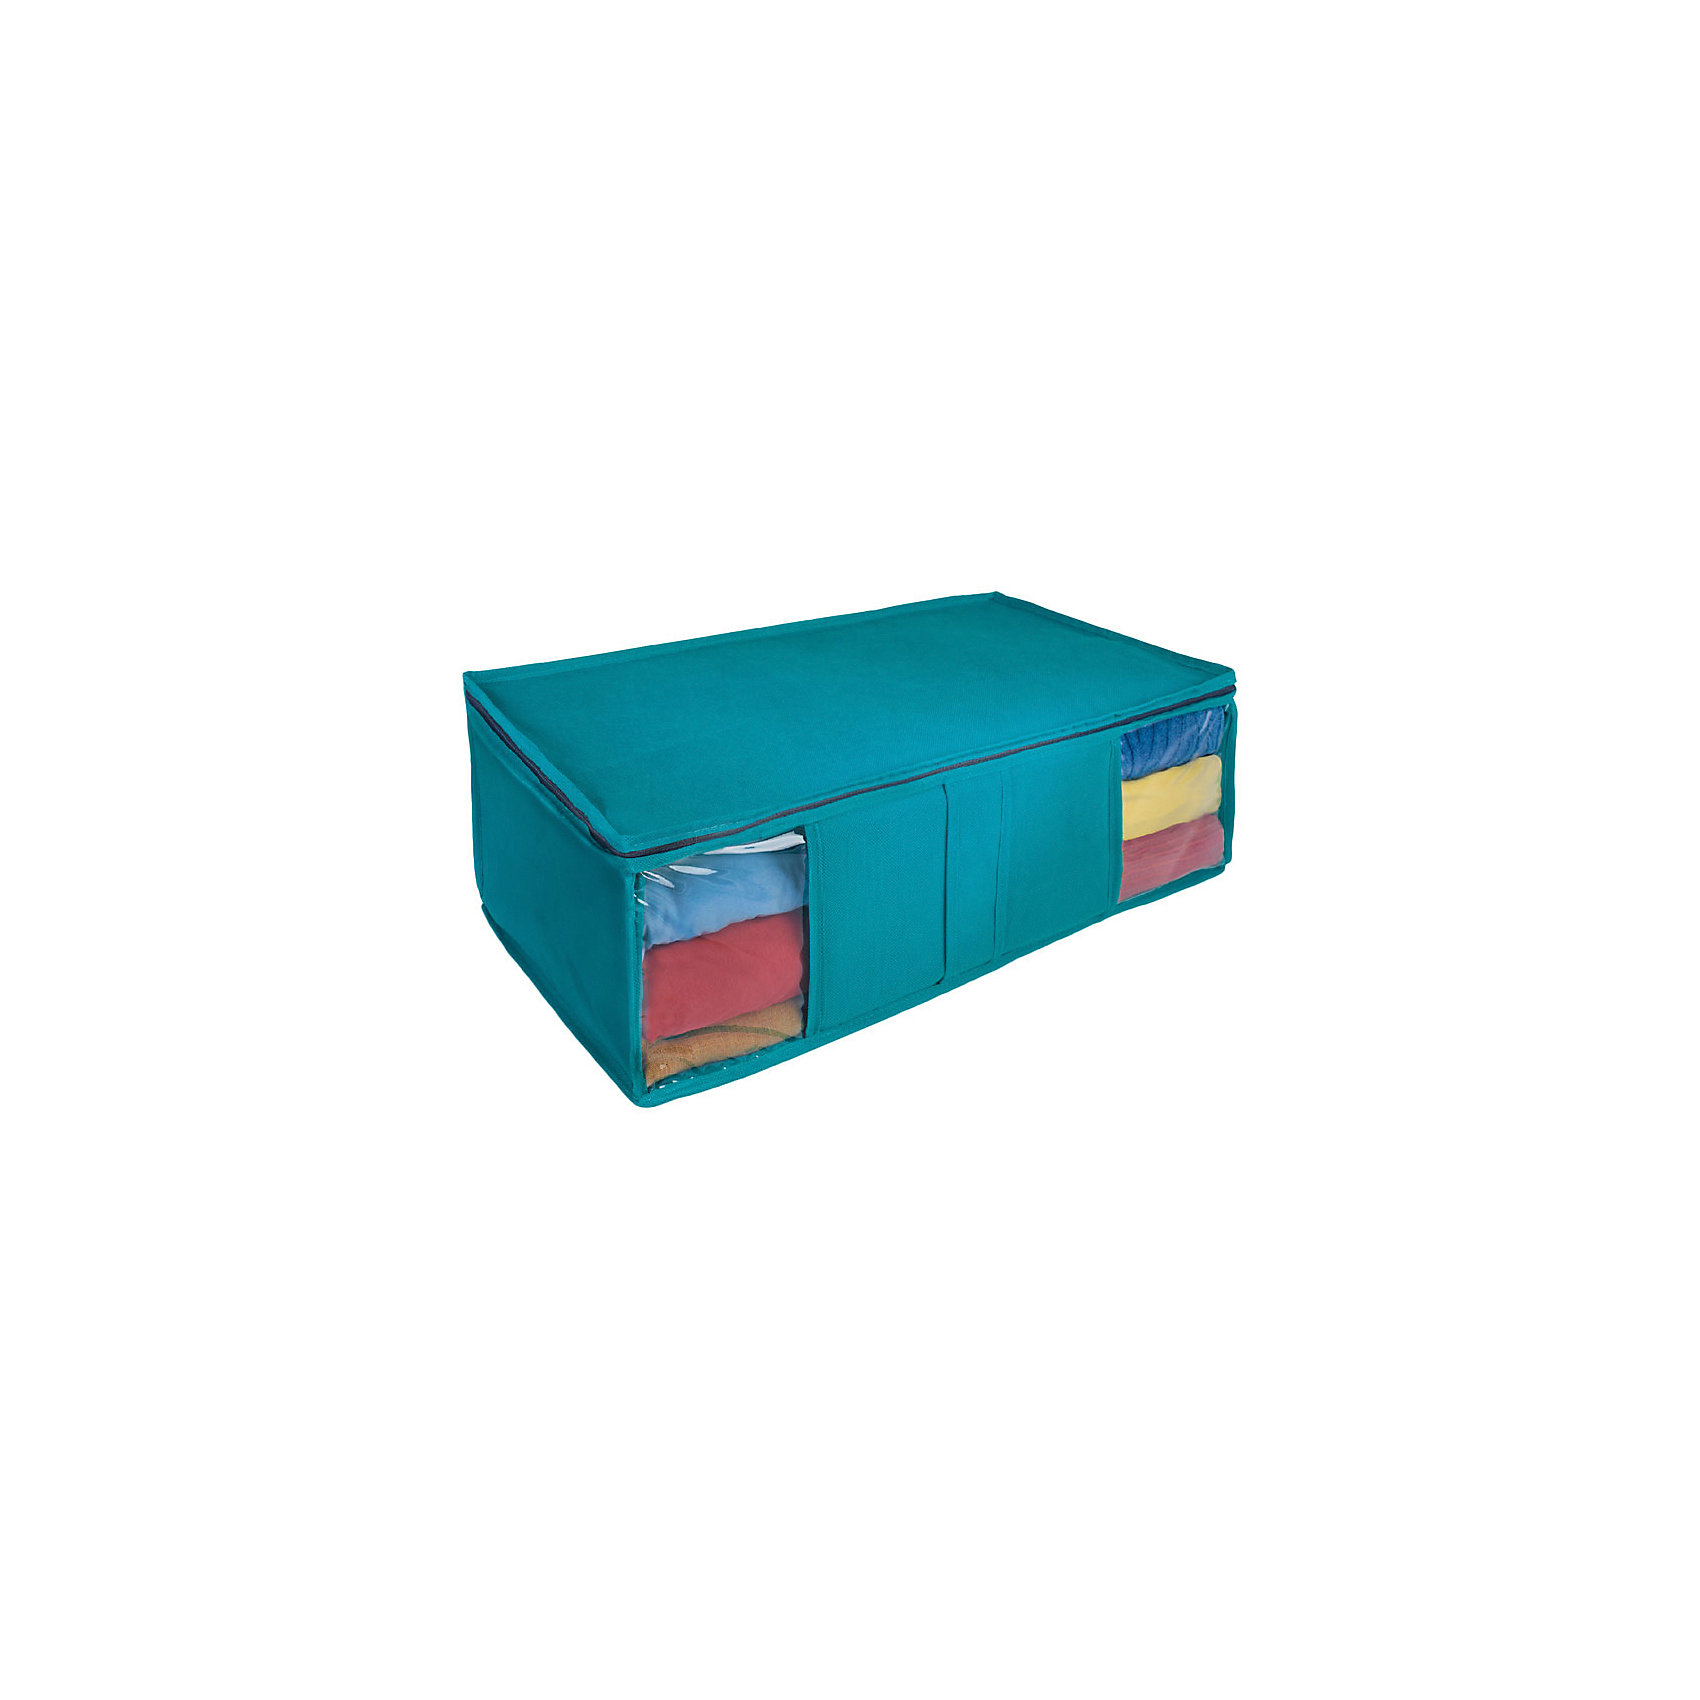 Ящик текстильный для хранения вещей 60*30*20 см., Рыжий КотПорядок в детской<br>Для компактного хранения вещей в шкафу используется универсальный ящик. Плотные стенки и дно предотвращают деформацию вещей. Верхний клапан закрывается на молнию. Внутри ящика имеется тканевый разделитель. Прозрачные окошки показывают, что находится внутри ящика. <br><br>Дополнительная информация:<br><br>Размер ящика: 60х30х20 см<br>Материал: пылеотталкивающий неэлектризующийся материала спанбонд плотностью 80 г/м2.<br><br>Ящик текстильный для хранения вещей 60*30*20 см., Рыжий Кот можно купить в нашем интернет-магазине.<br><br>Ширина мм: 620<br>Глубина мм: 220<br>Высота мм: 30<br>Вес г: 420<br>Возраст от месяцев: 6<br>Возраст до месяцев: 1080<br>Пол: Унисекс<br>Возраст: Детский<br>SKU: 4989838